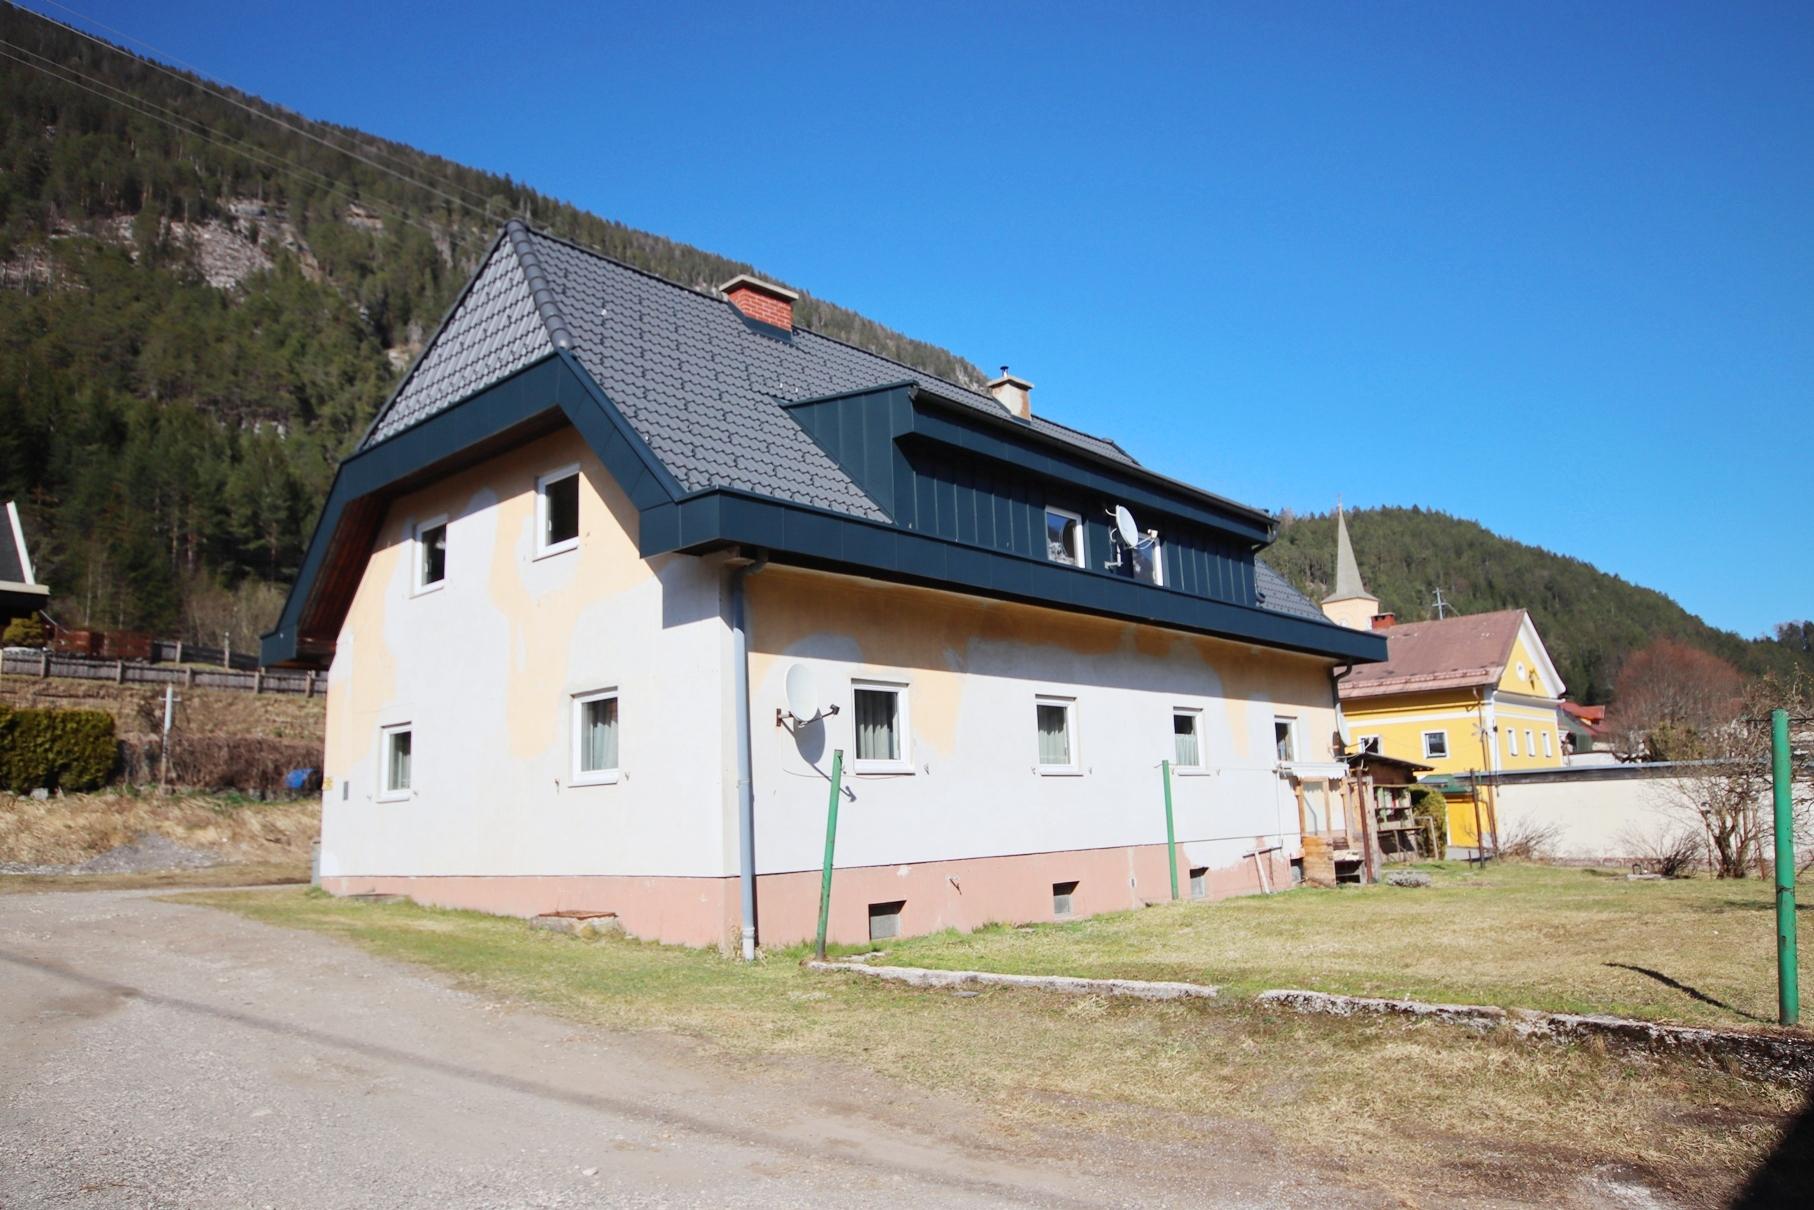 Zinshaus mit 4 Wohneinheiten in ruhiger, sonniger Wohnsiedlung